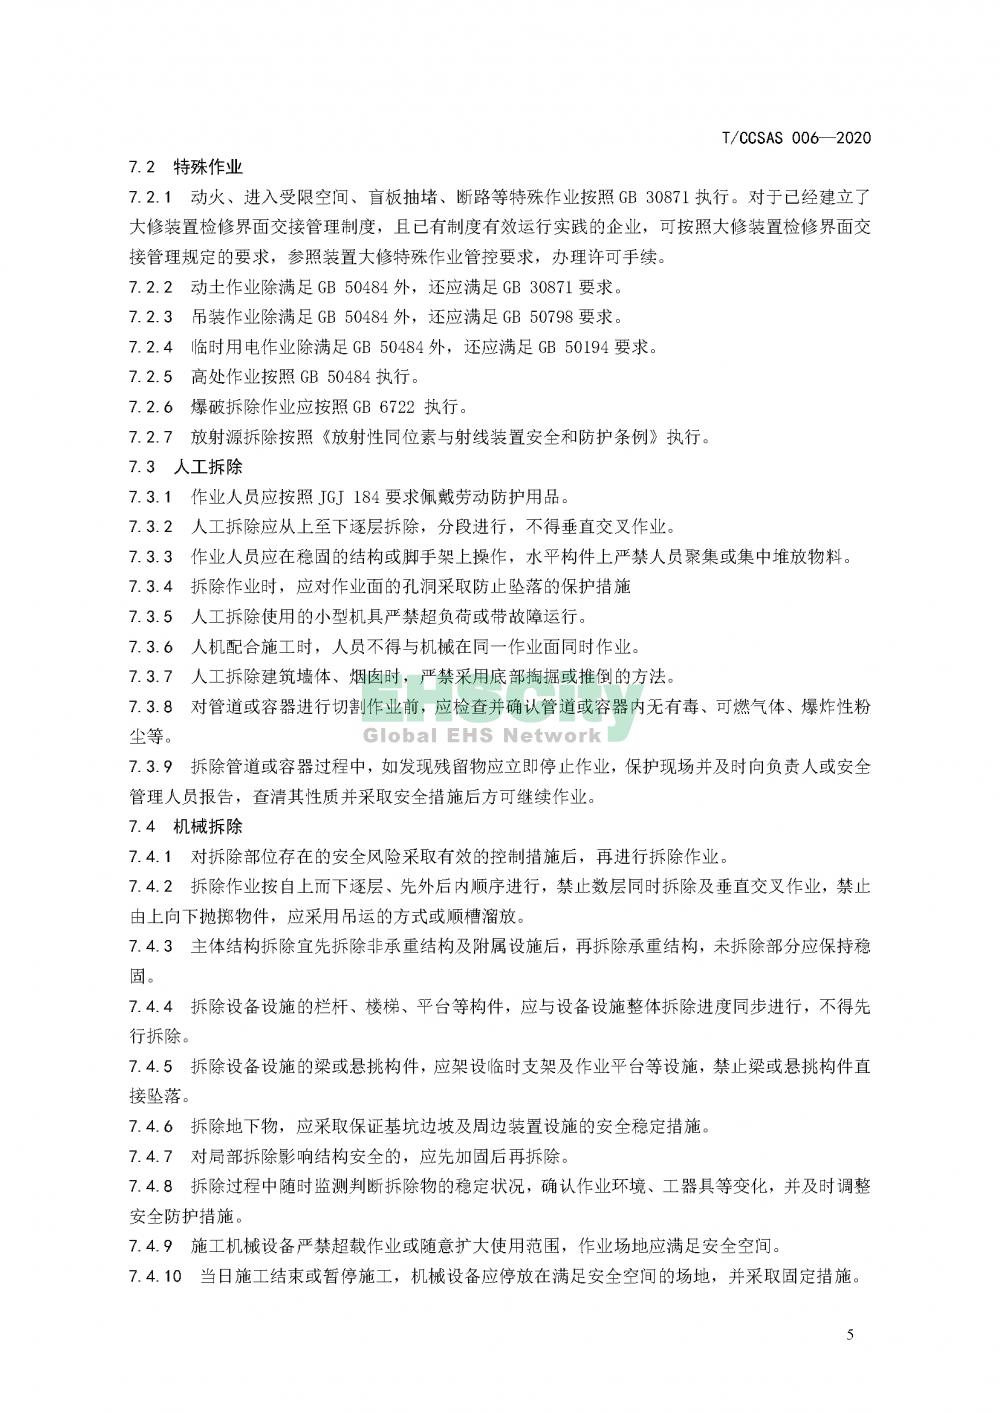 《化工企业装置设施拆除安全管理规范》_页面_11